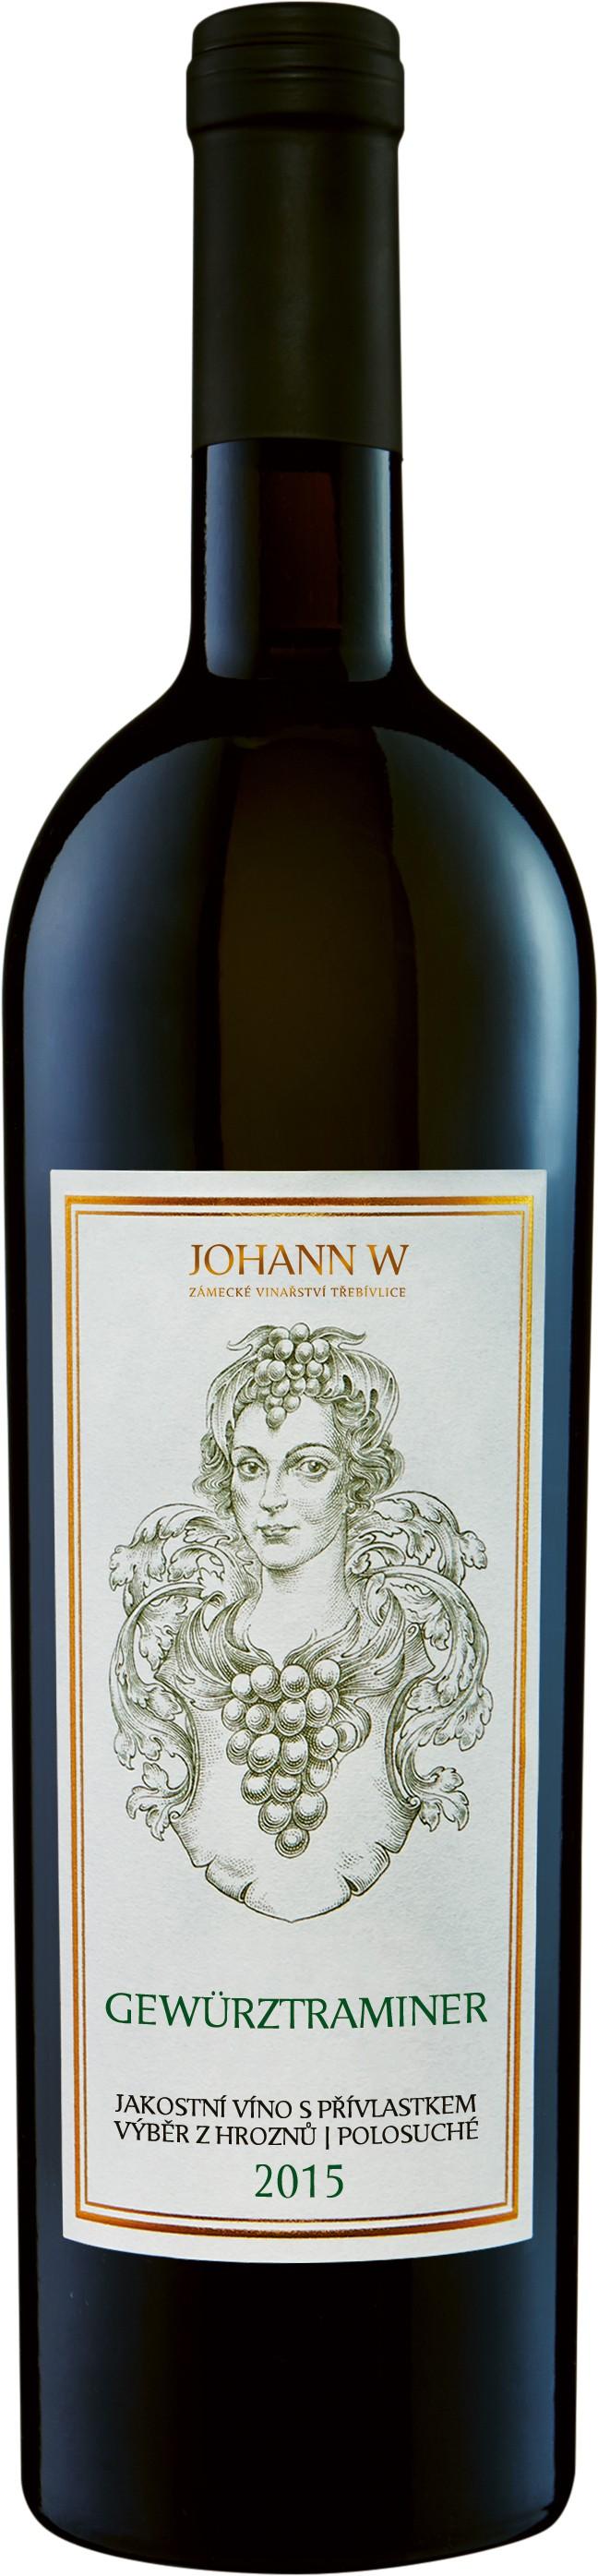 Gewurztraminer 2015, výběr z hroznů, polosuché, Vinařství Johann W - Třebívlice